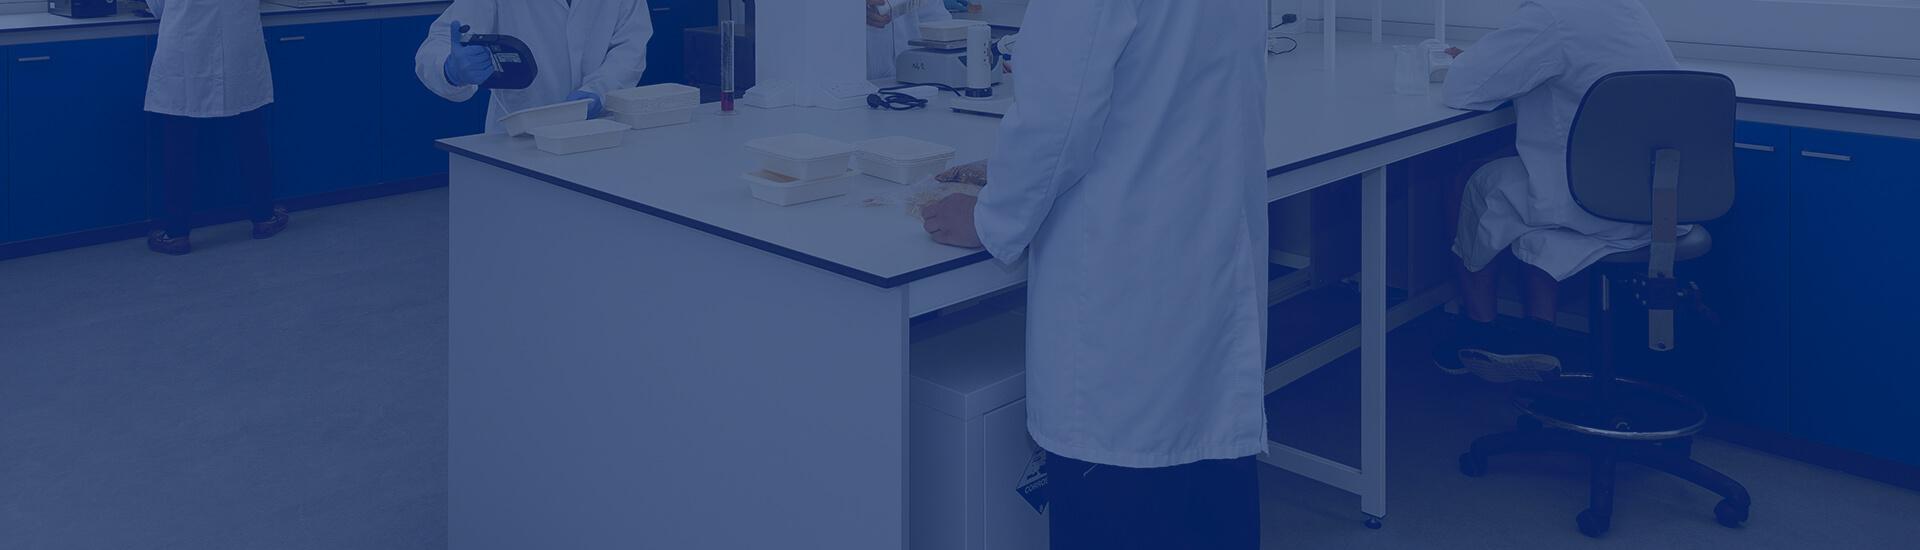 lab designed by Kastnerlab UK